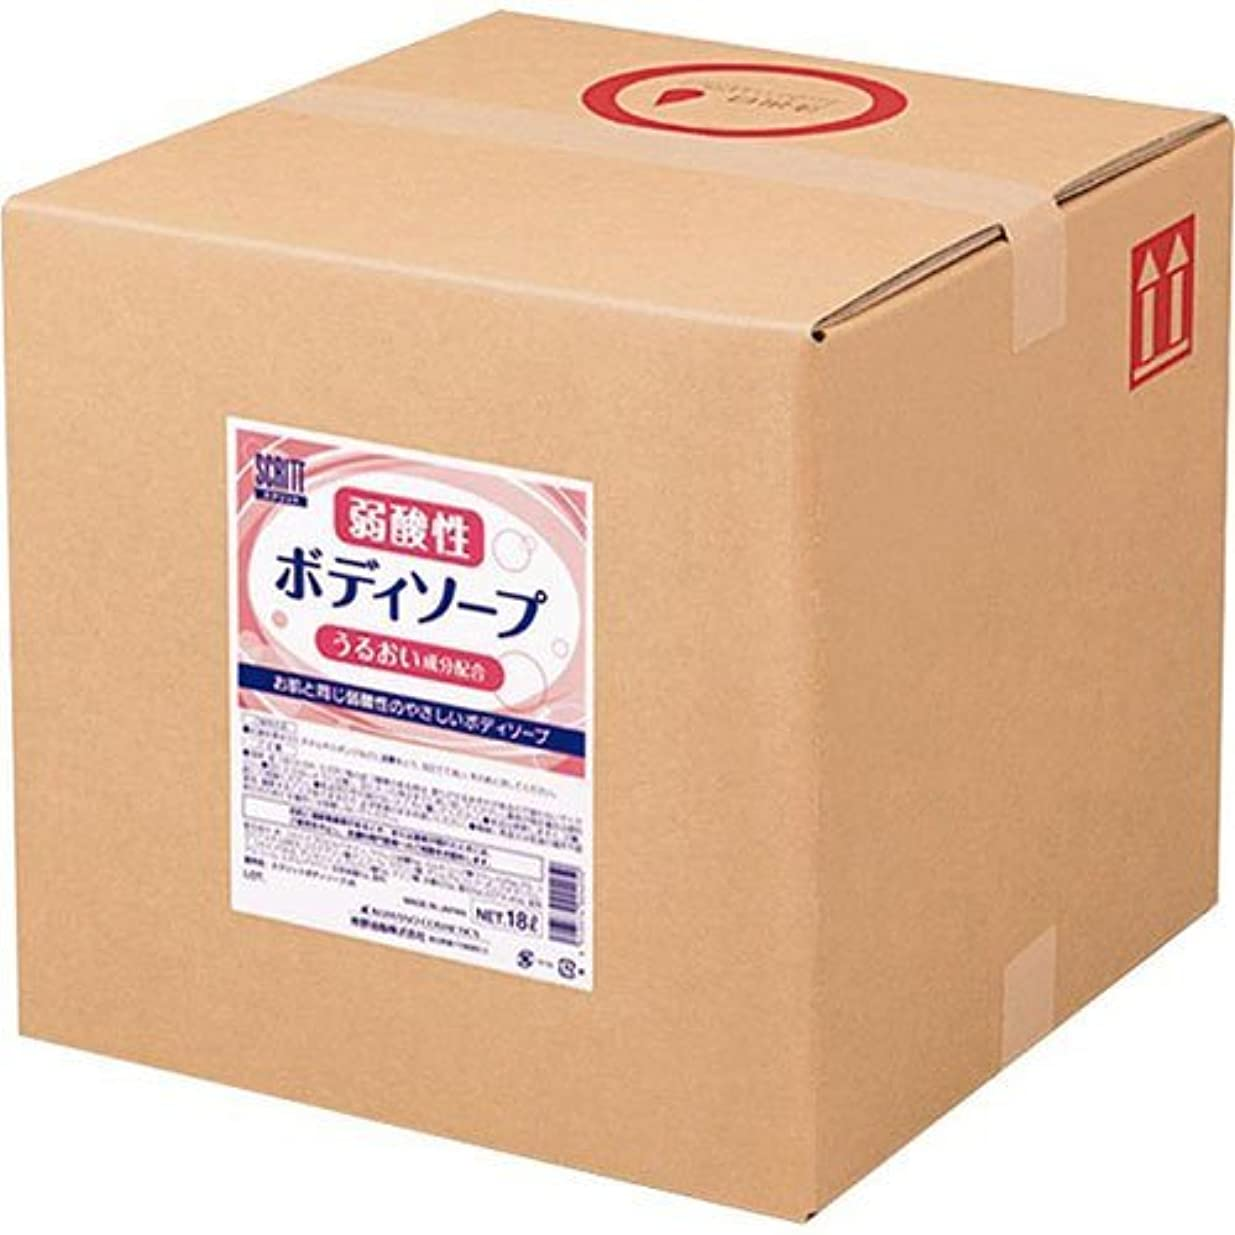 ワーディアンケース消毒する残る熊野油脂 業務用 SCRITT(スクリット) 弱酸性ボディソープ 18L